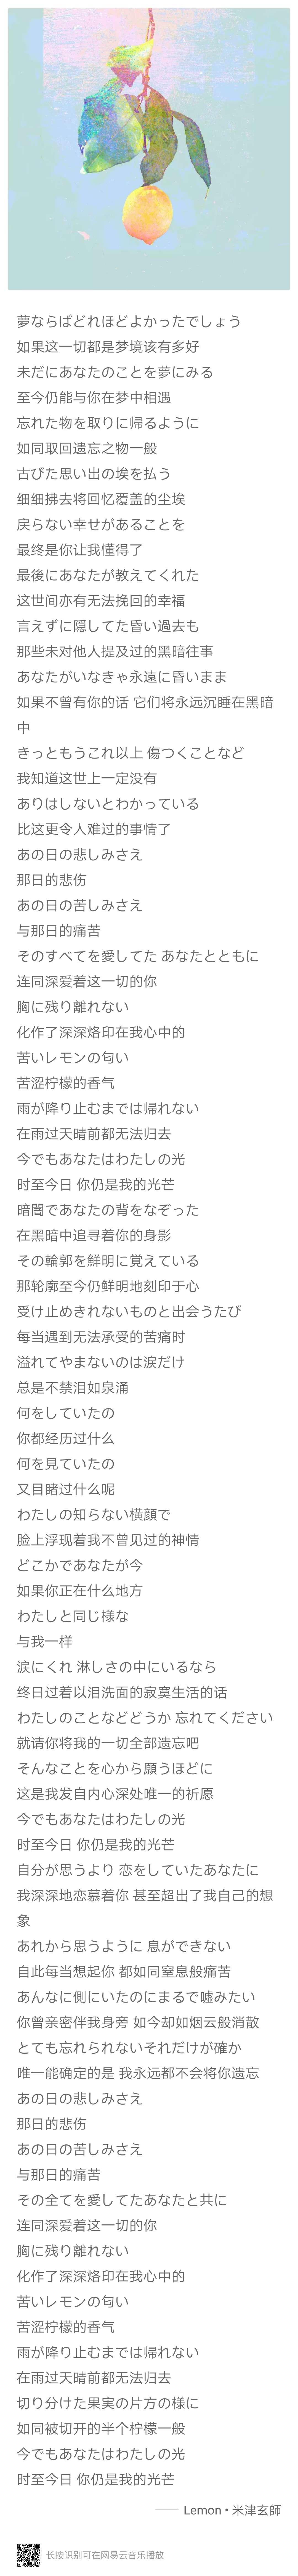 【音乐】Lemon,异世界超能魔术师邪恶